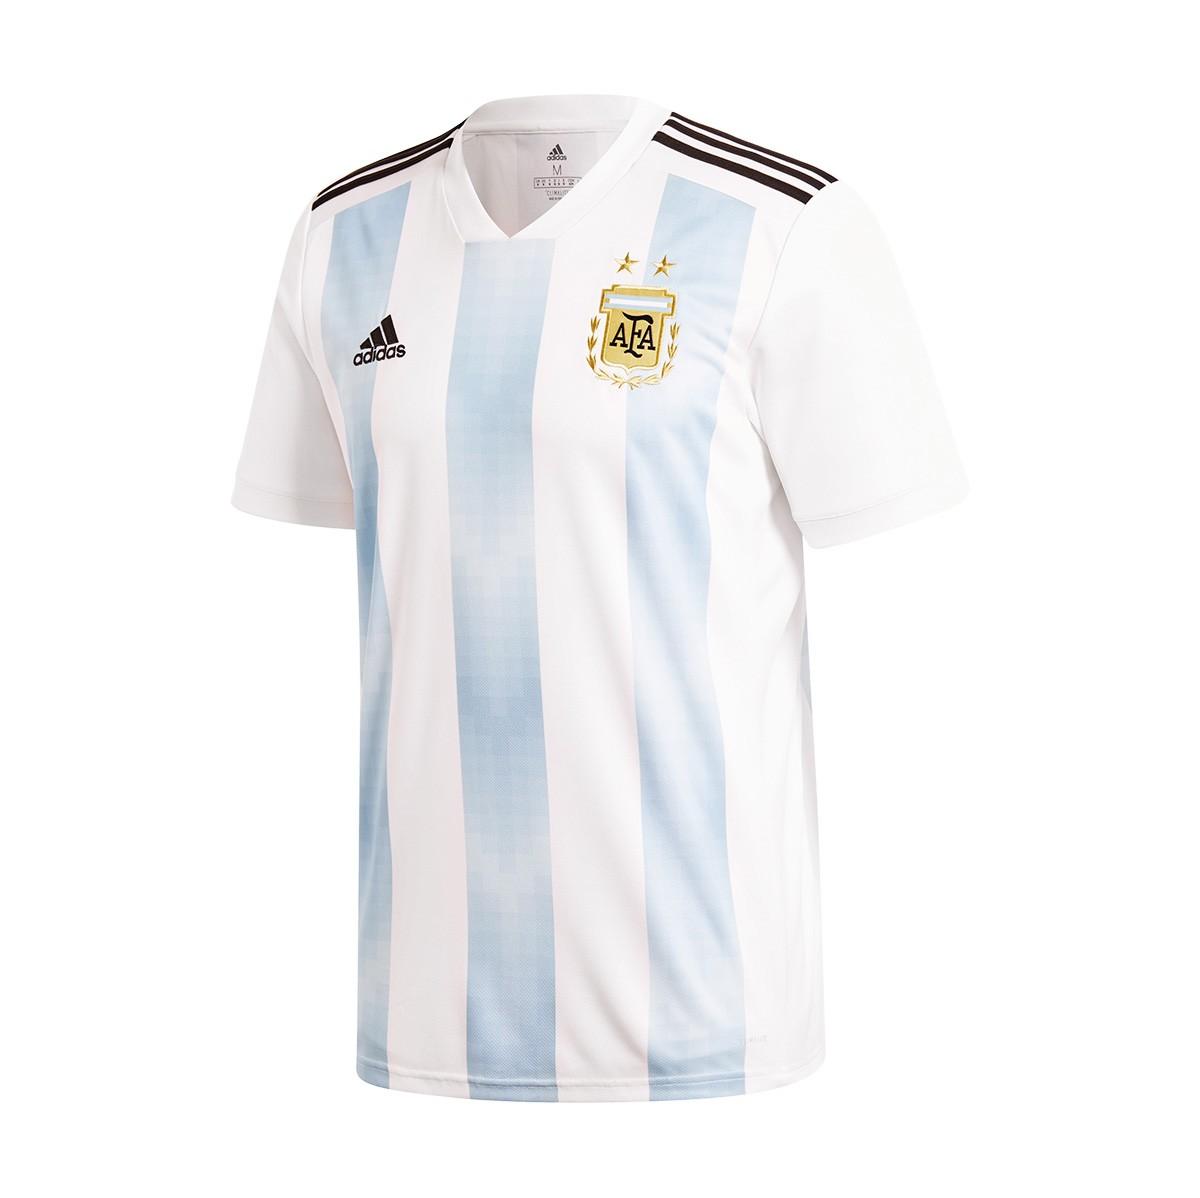 63aff36306cf0 Playera adidas Argentina Primera Equipación 2017-2018 White-Clear  blue-Black - Tienda de fútbol Fútbol Emotion